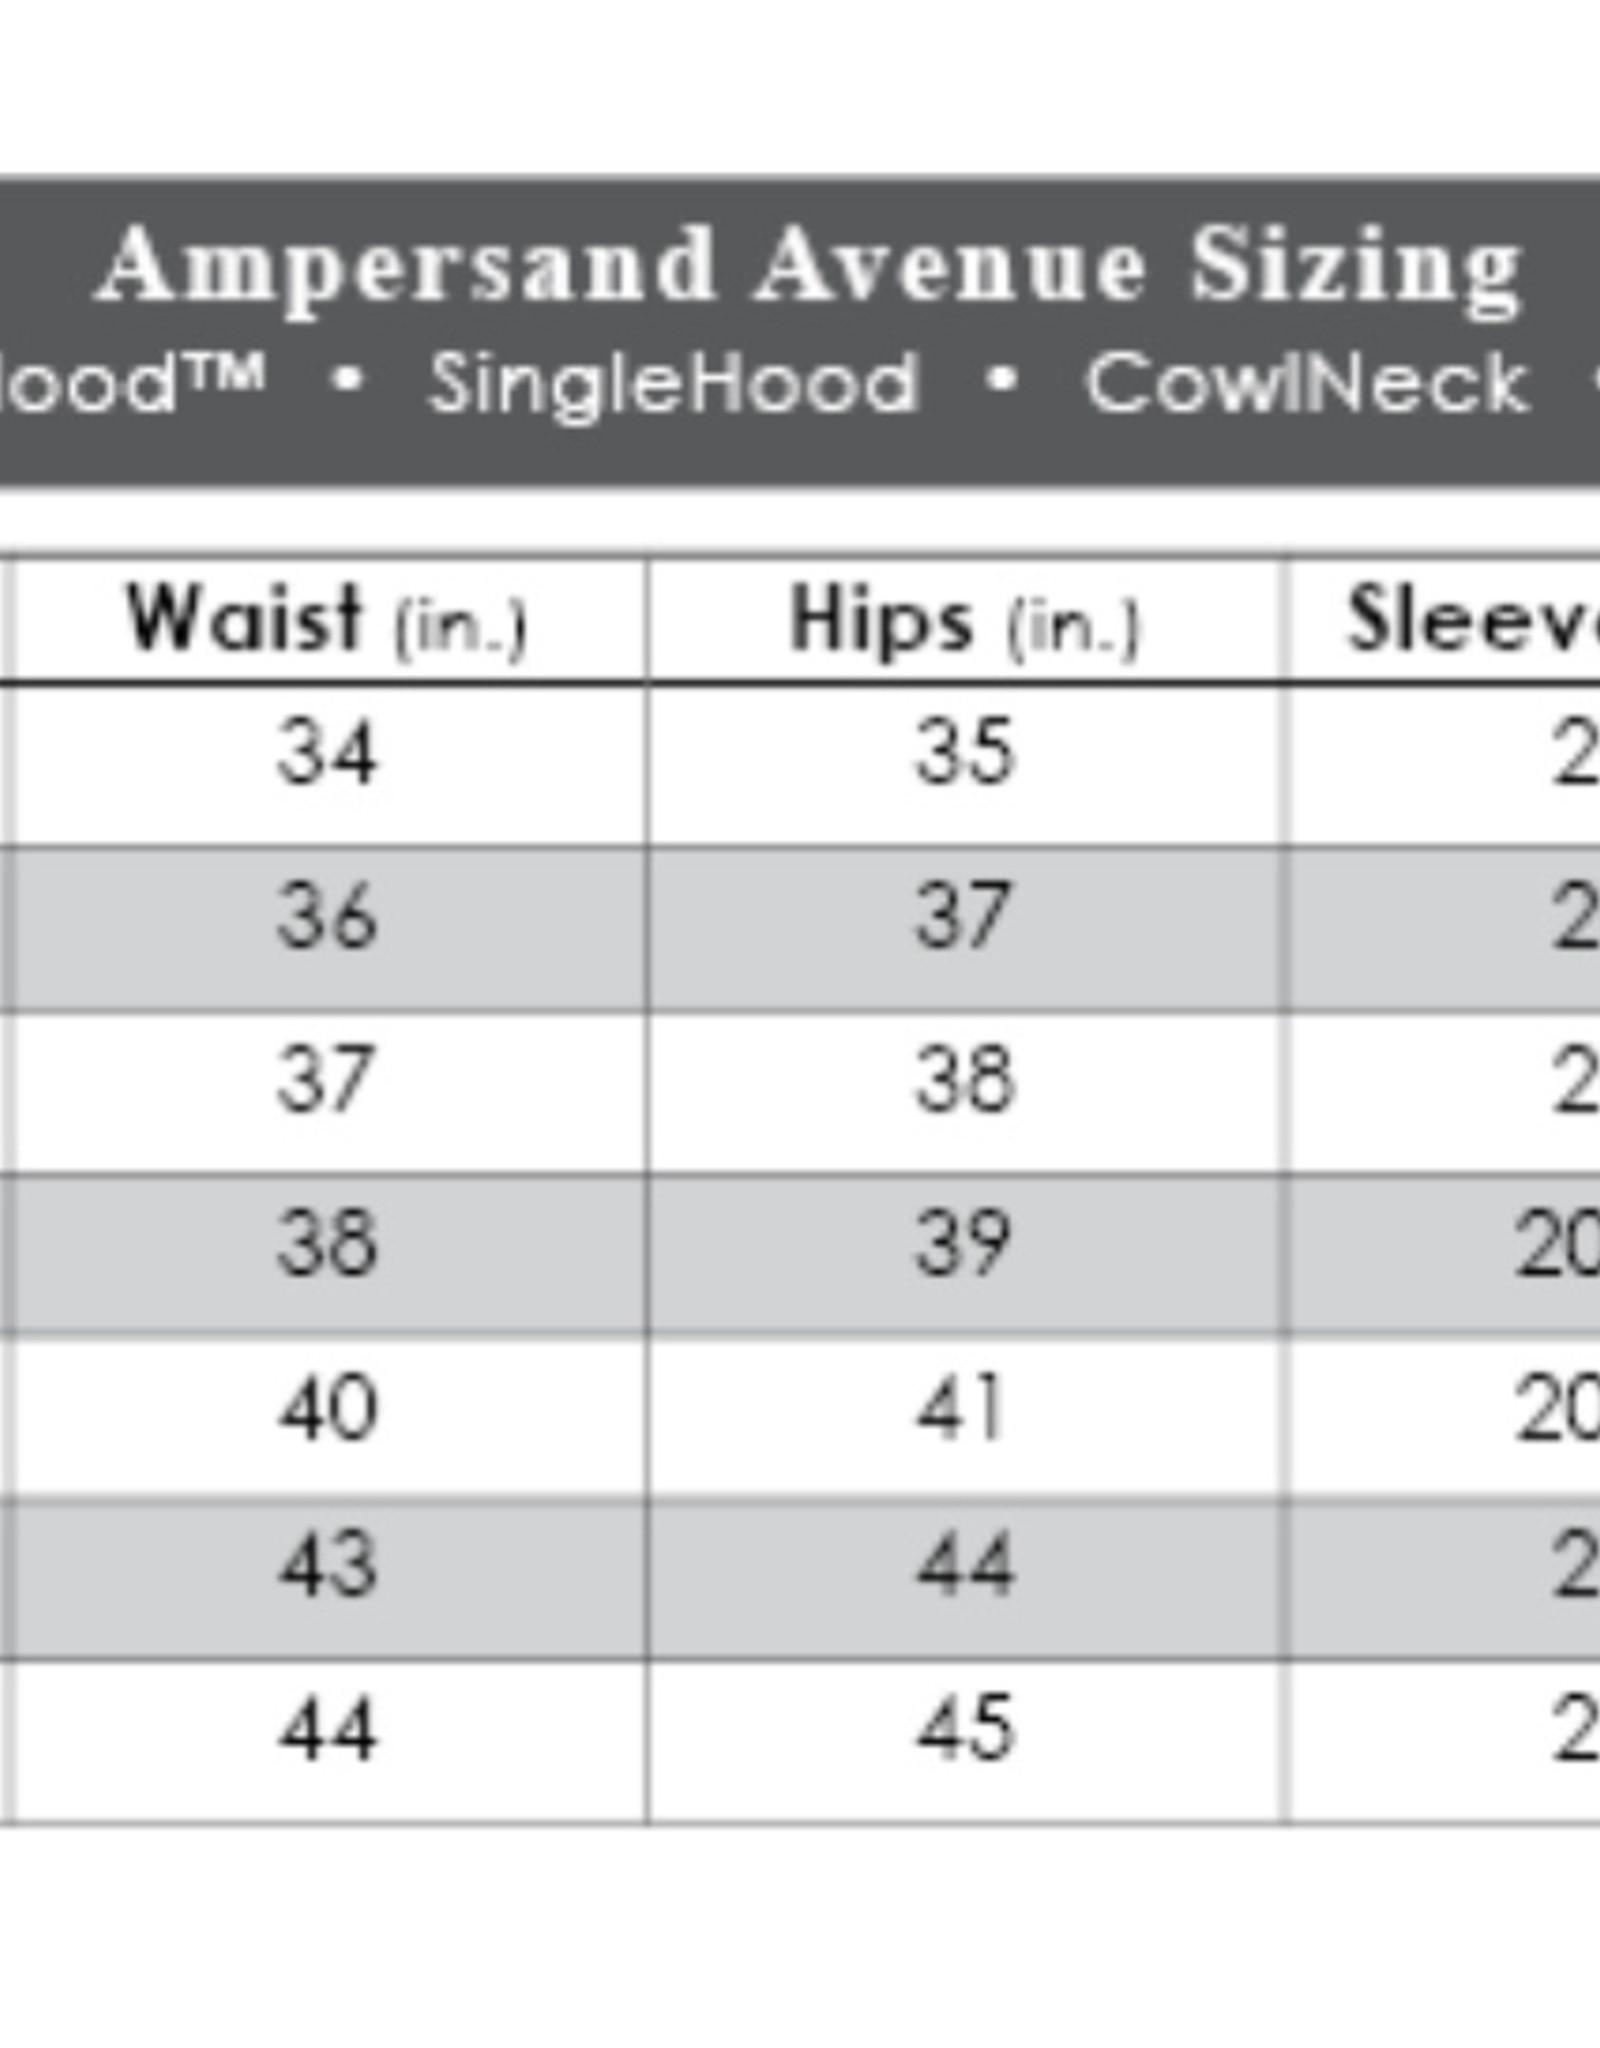 Ampersand Avenue DoubleHood Sweatshirt-still got it AVE684